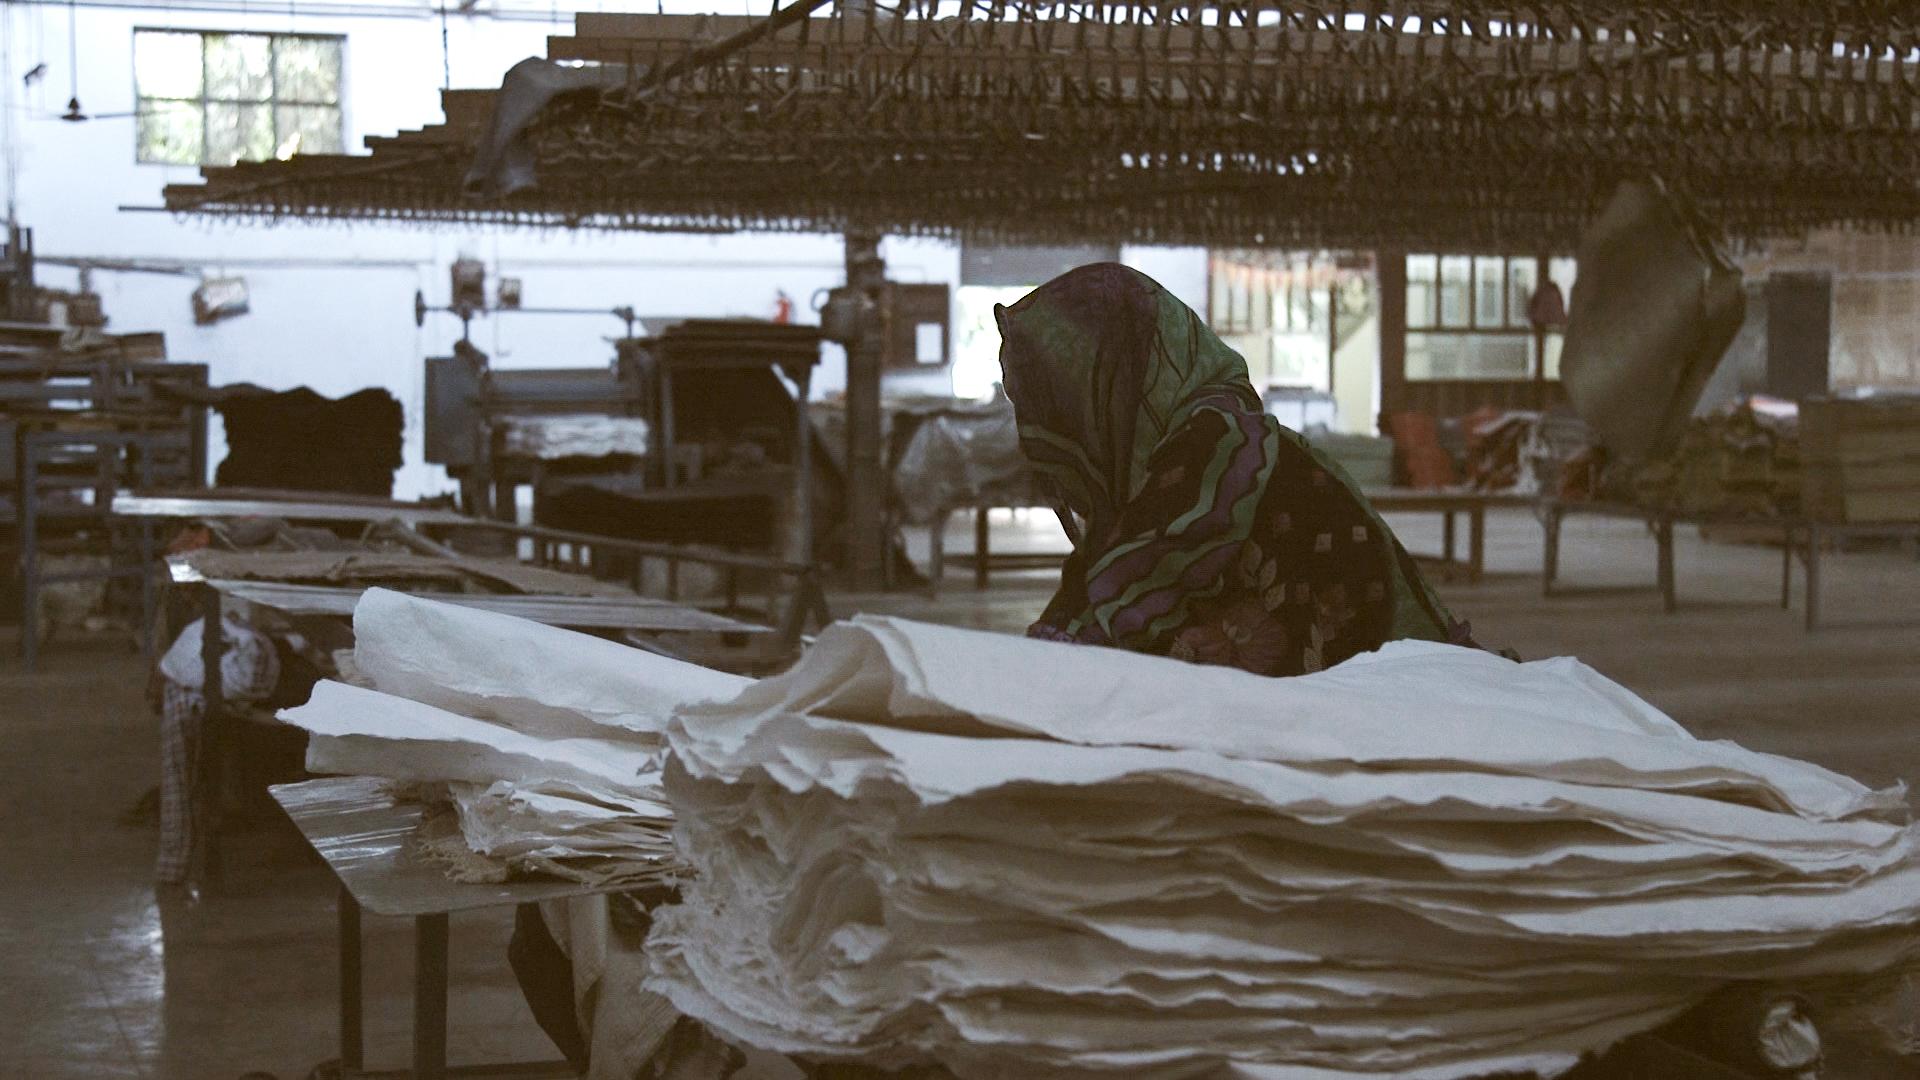 Kalam Kushコットンパルプ製紙工場(撮影:岡本憲昭)